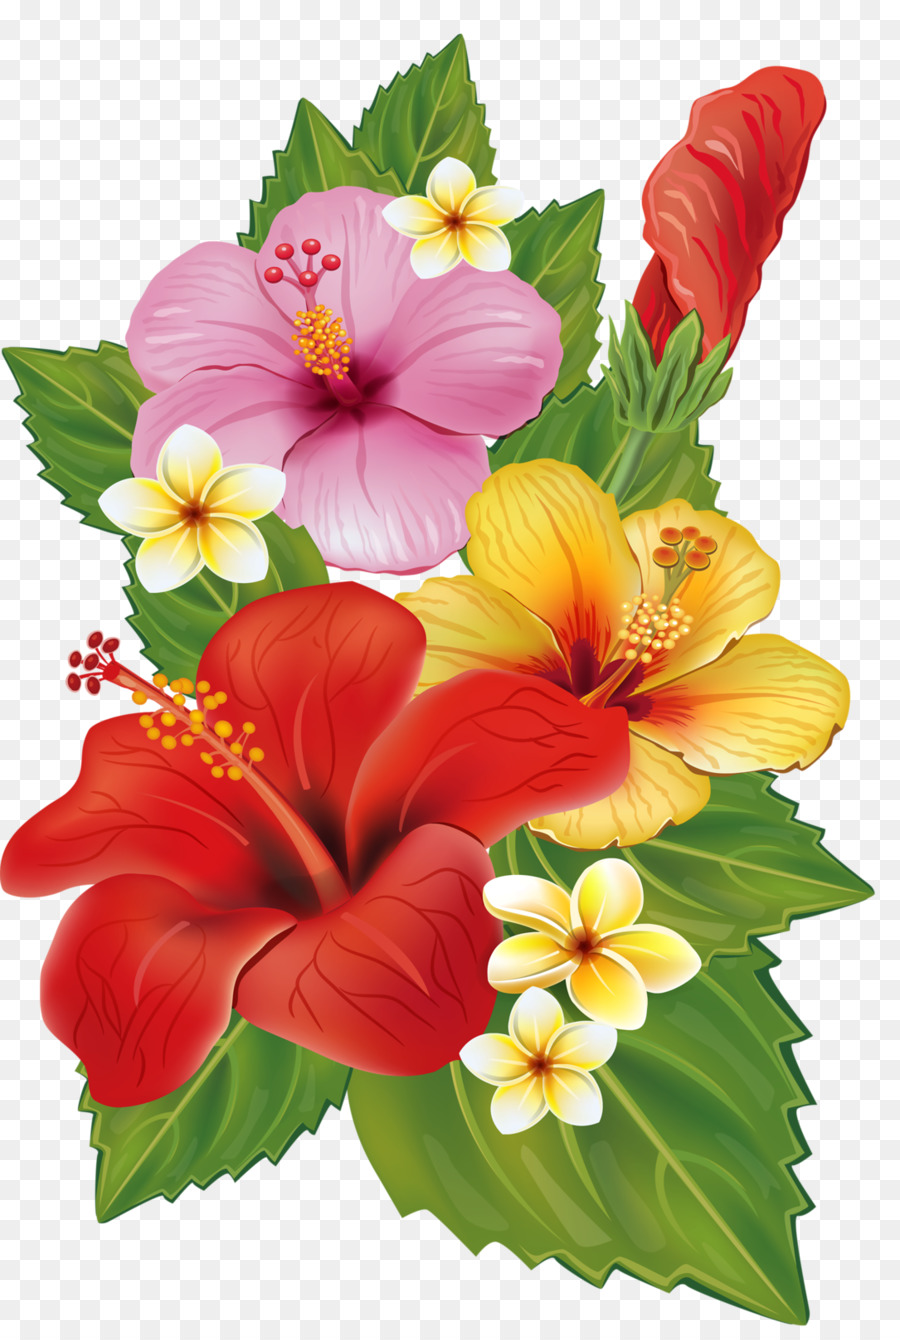 Flor Artes Decorativas Buquê De Flores Png Transparente Grátis